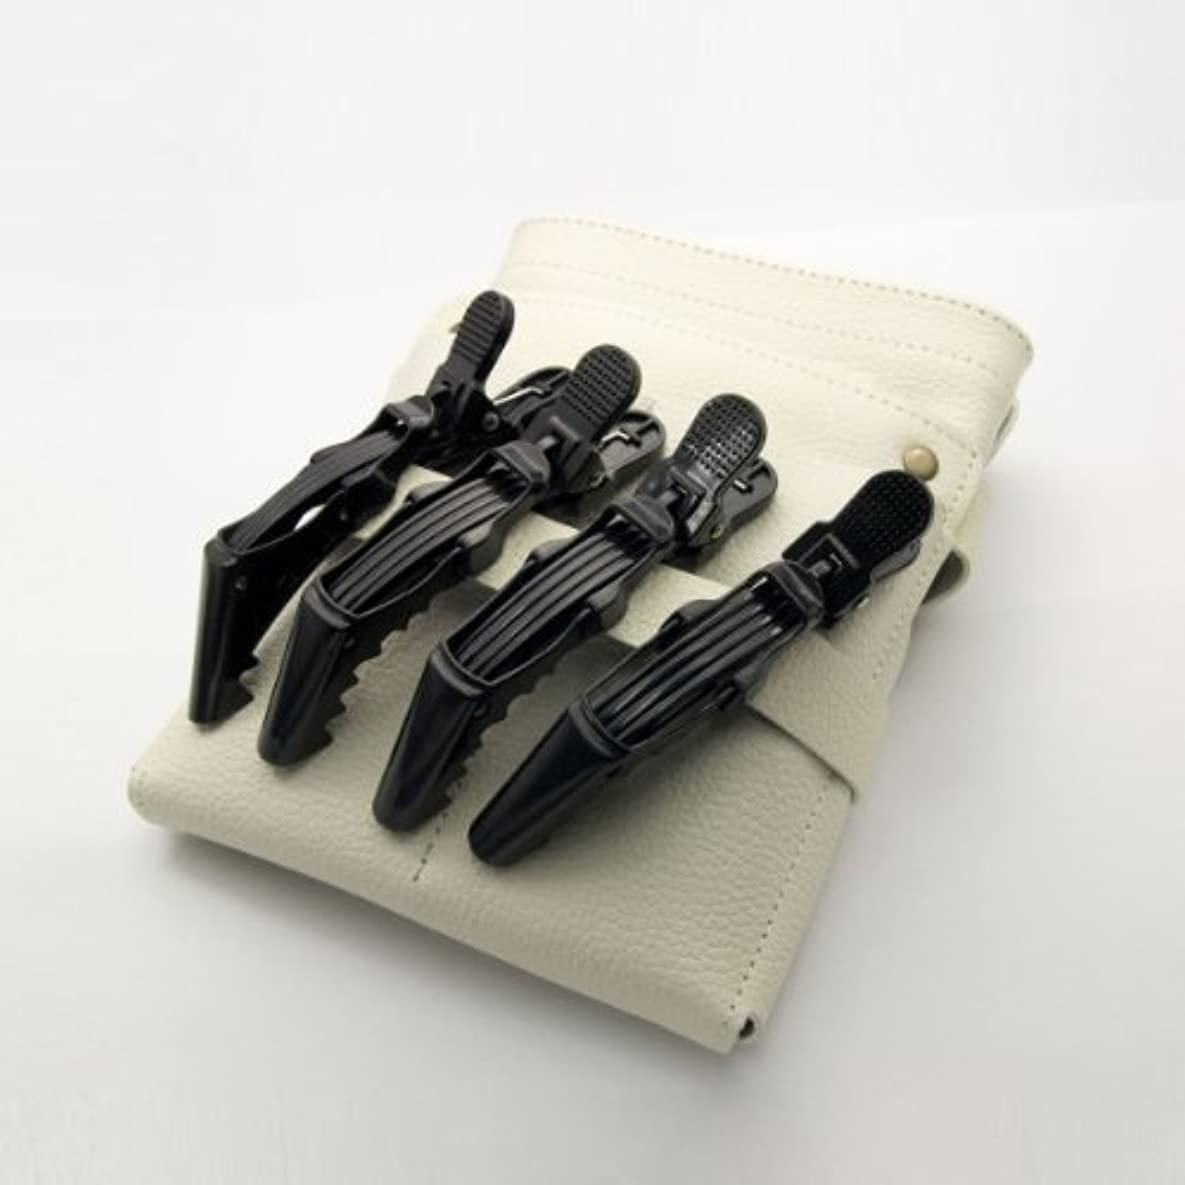 リレー癌魔女DEEDS C-0010 プロ用 ワニクリップ ブラック 美容 クリップピン 黒 ヘアクリップ 美容小物